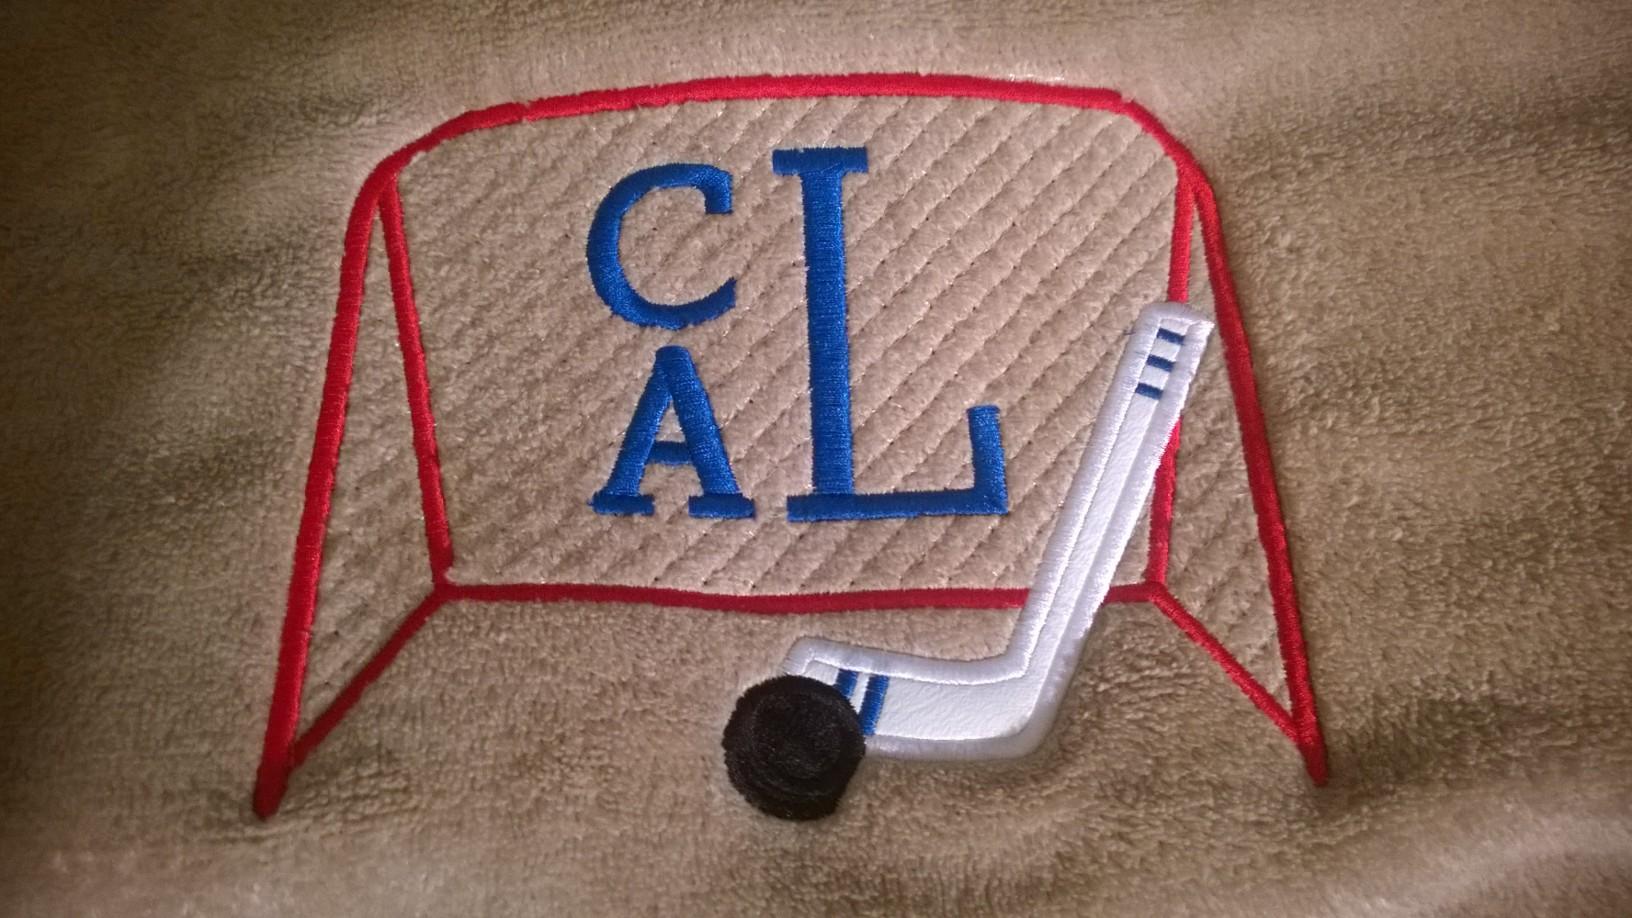 Blanket-hockey monogram